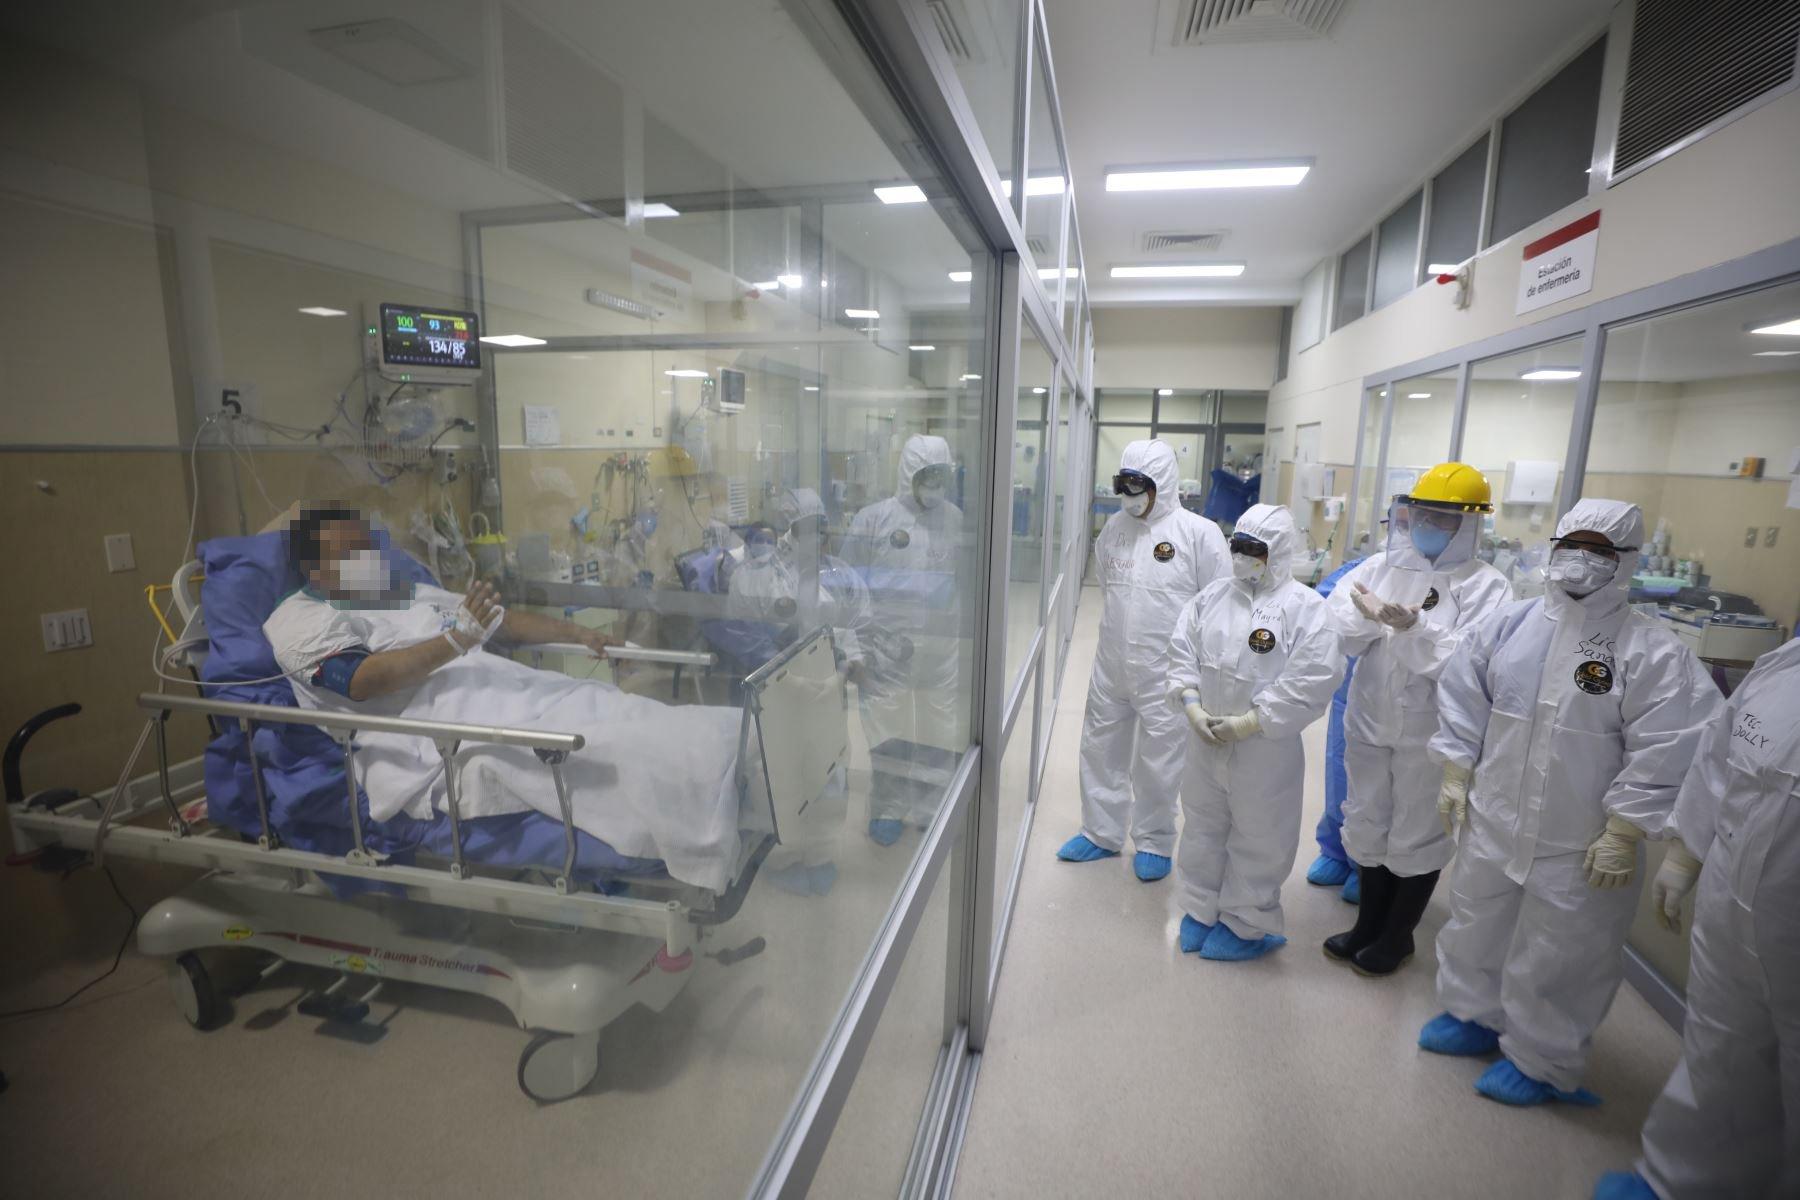 https://saludconlupa.com/media/images/ensayos-clinicos-2.width-1920.jpg